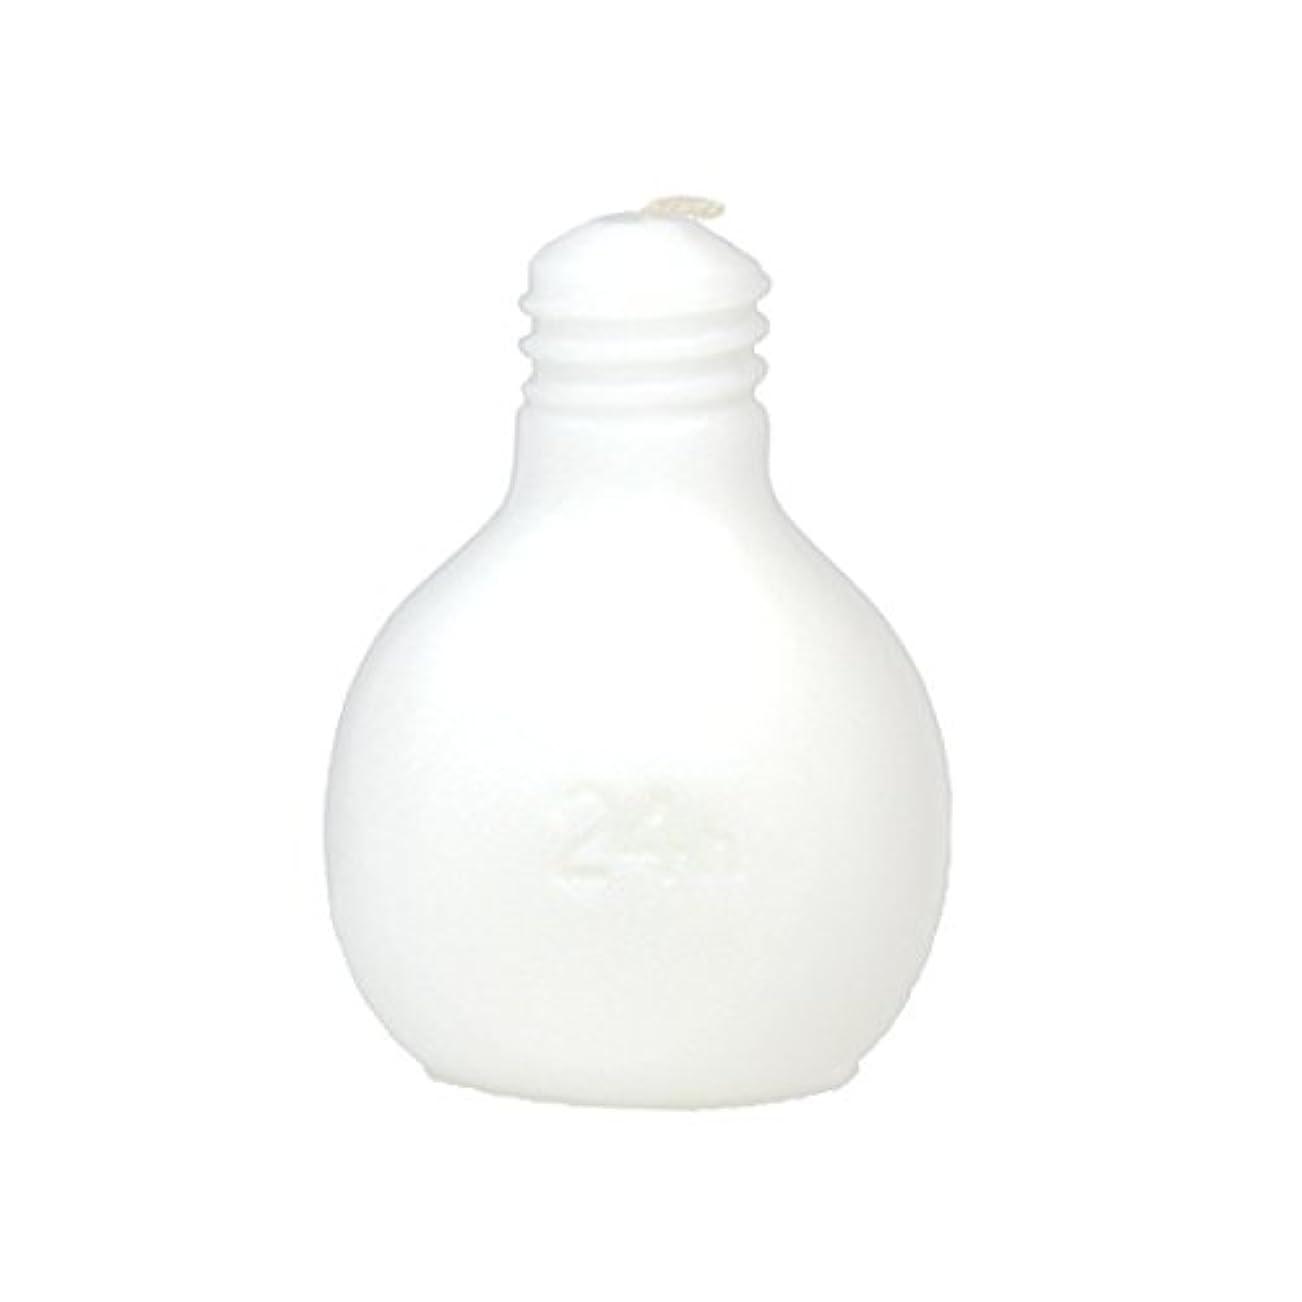 自己スロープシーンカメヤマキャンドルハウス 節電球キャンドル  ホワイト